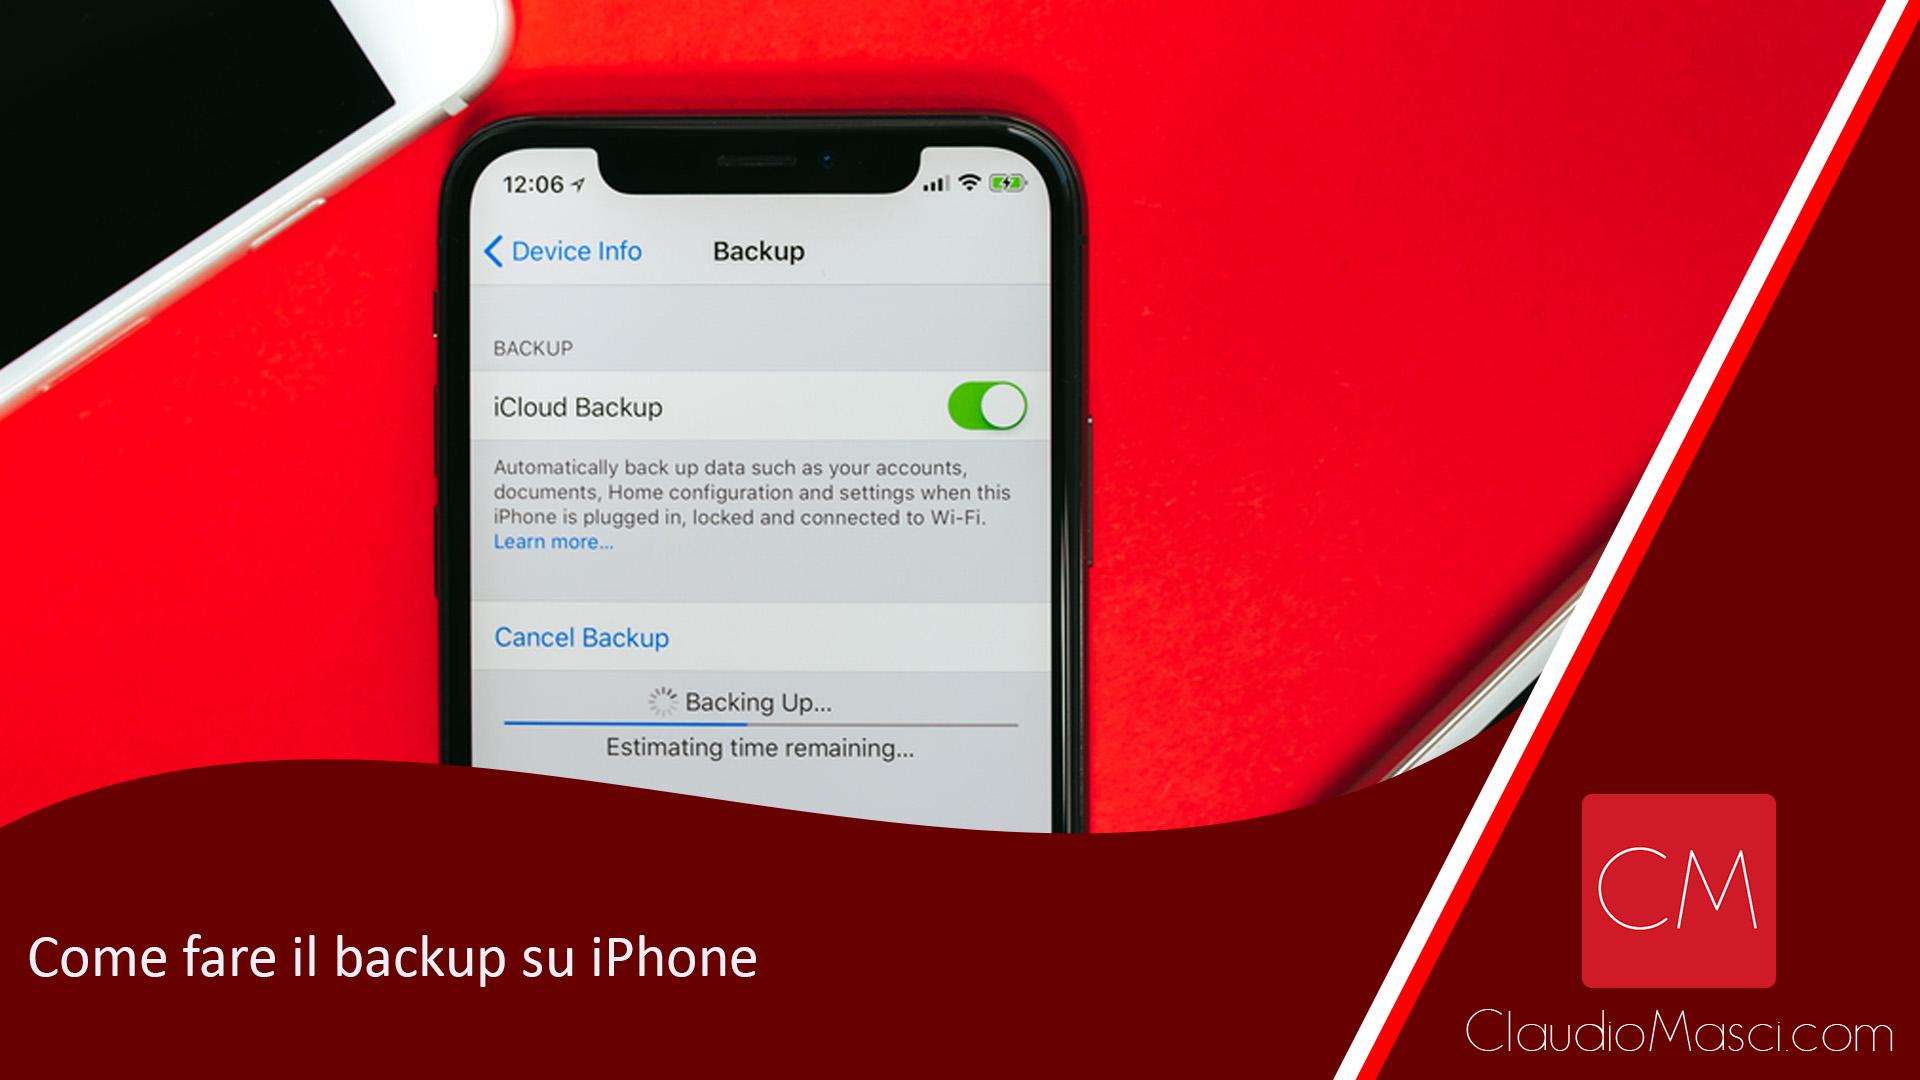 Come fare il backup su iPhone